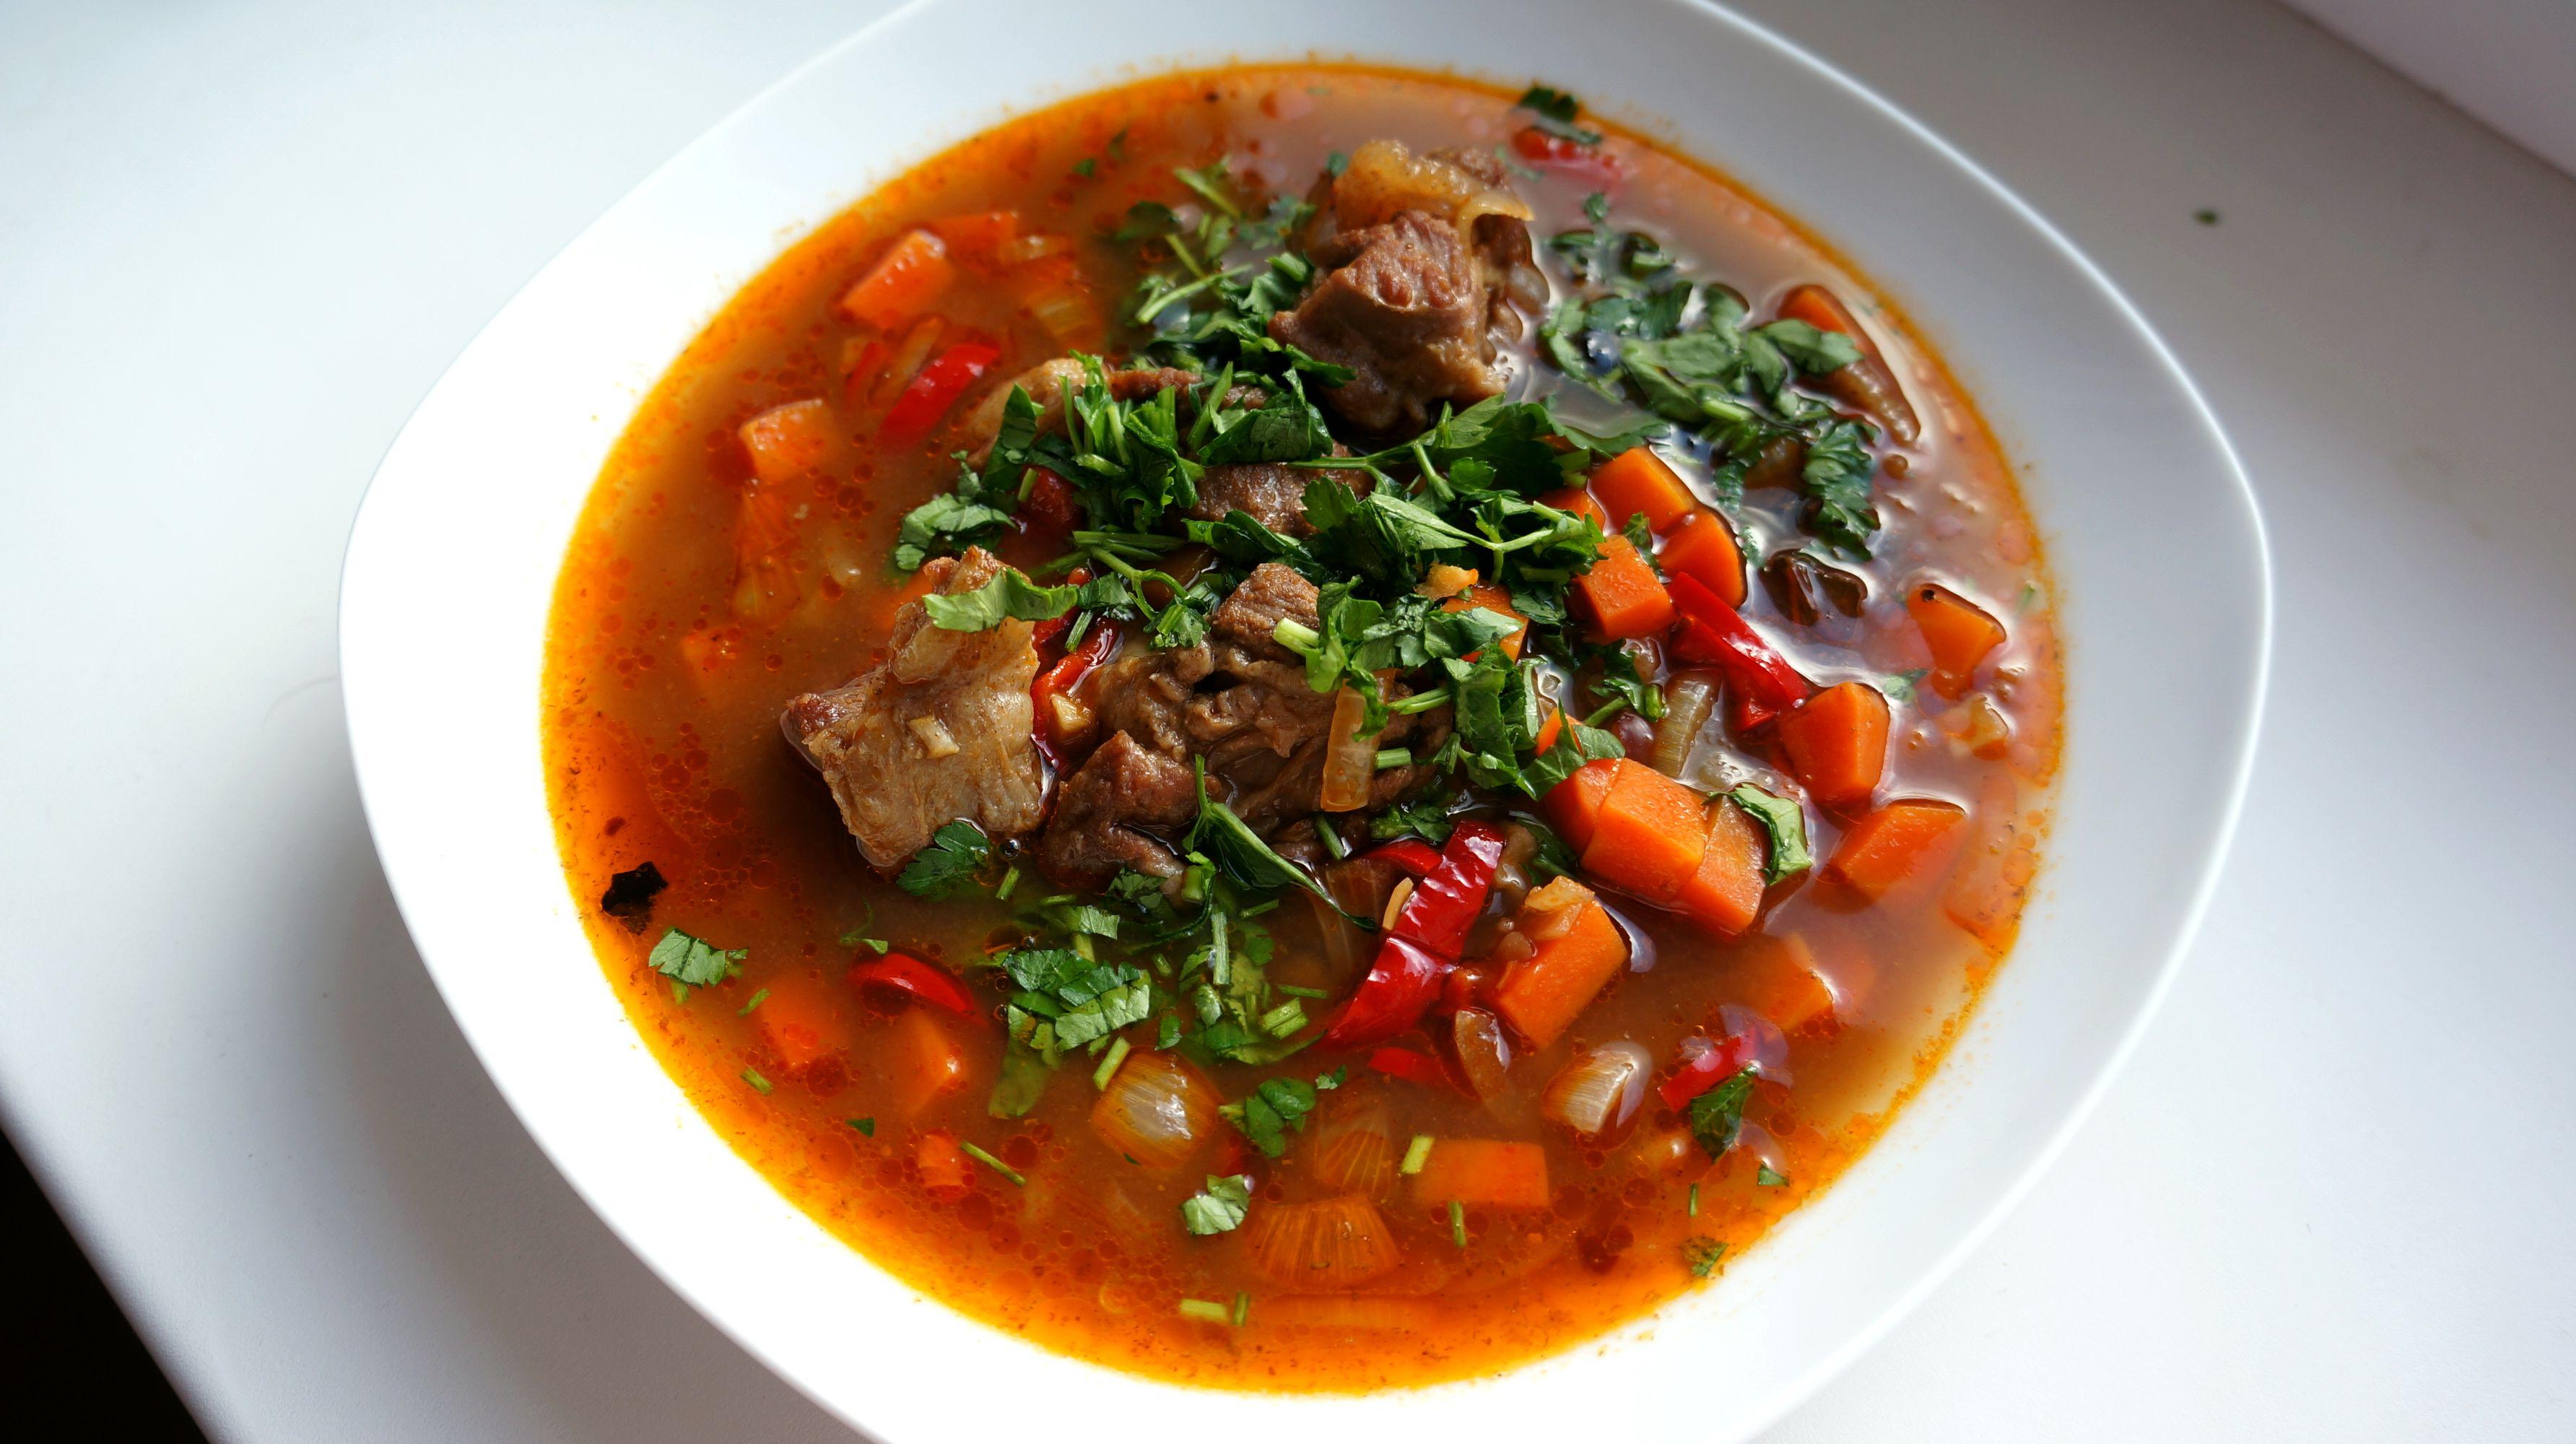 рецепты первых блюд из баранины с фото того